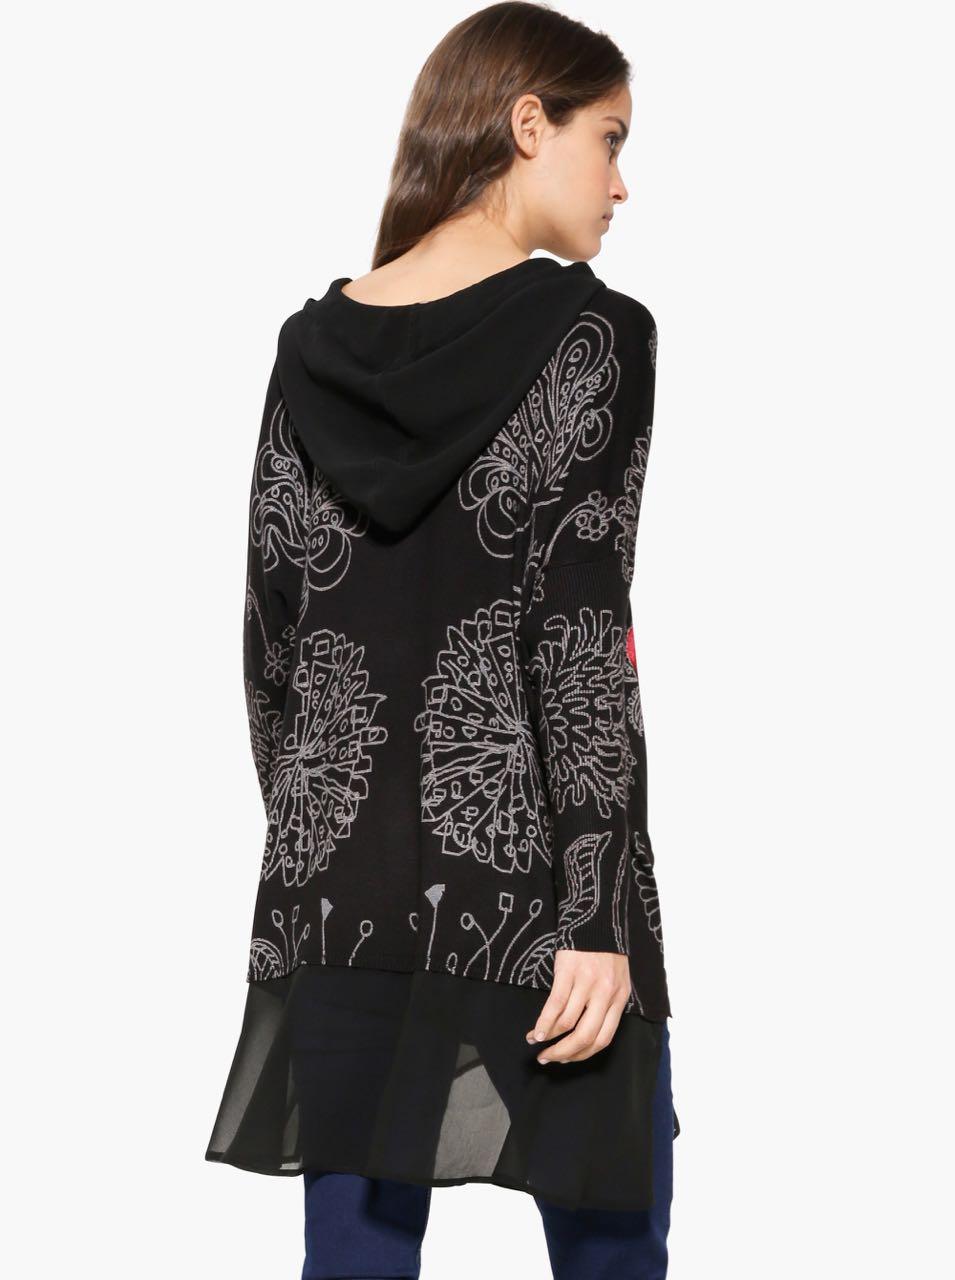 Buy sweater online